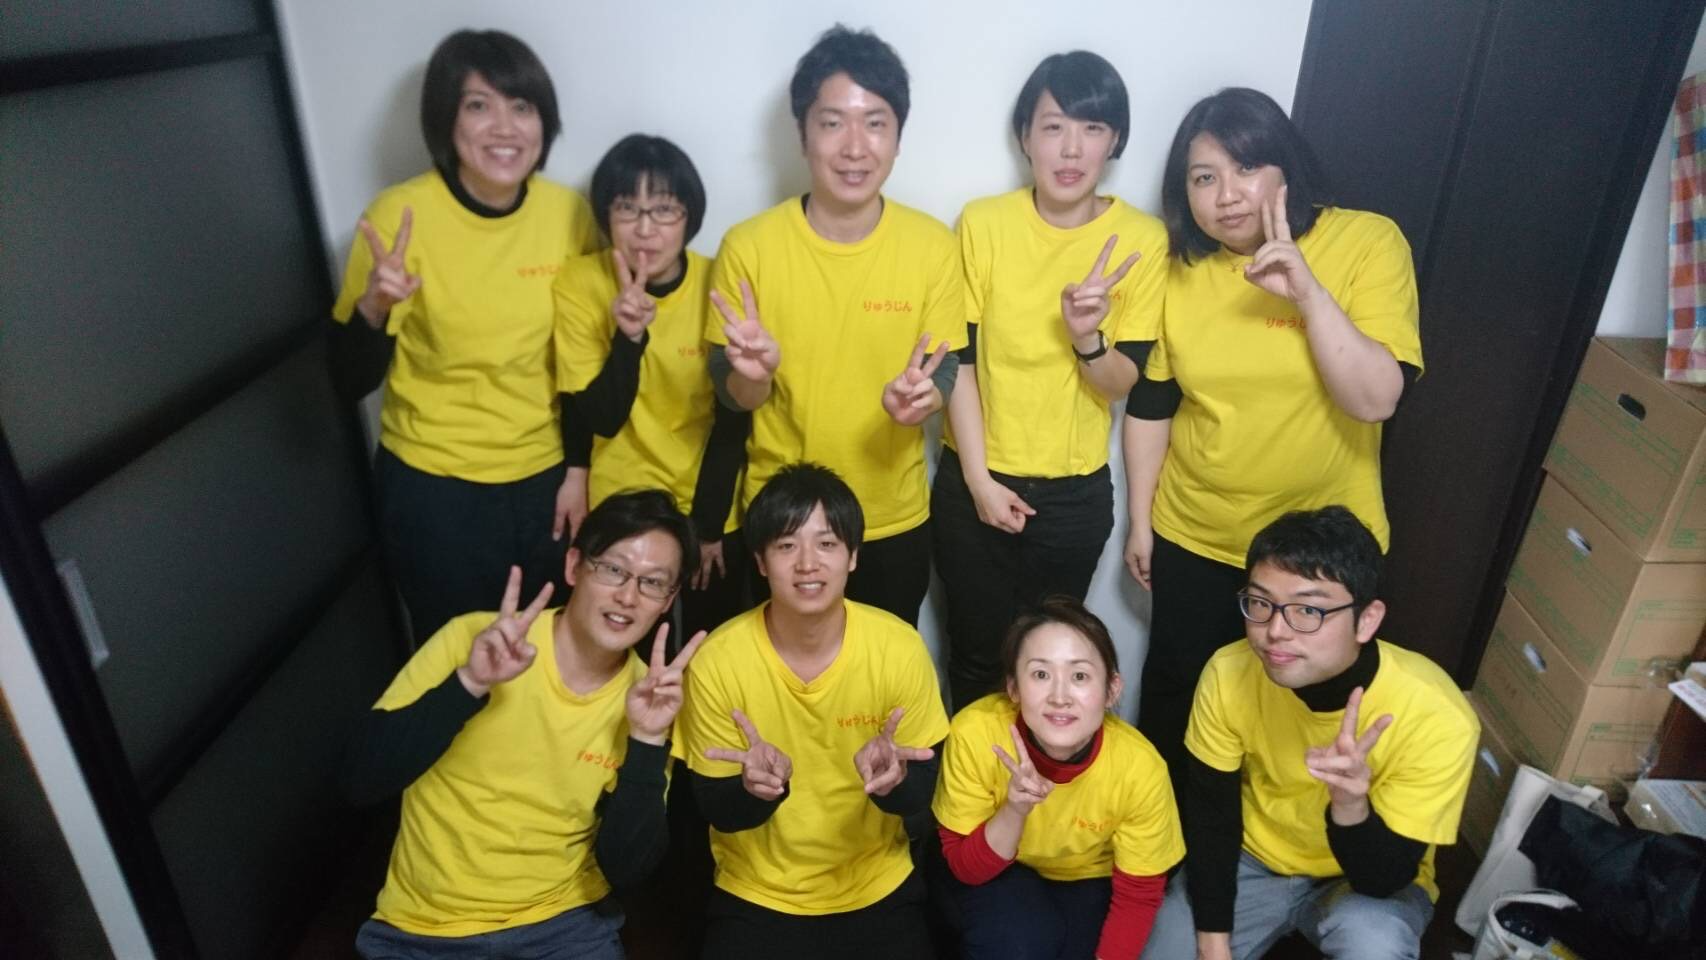 りゅうじん訪問看護ステーション名古屋